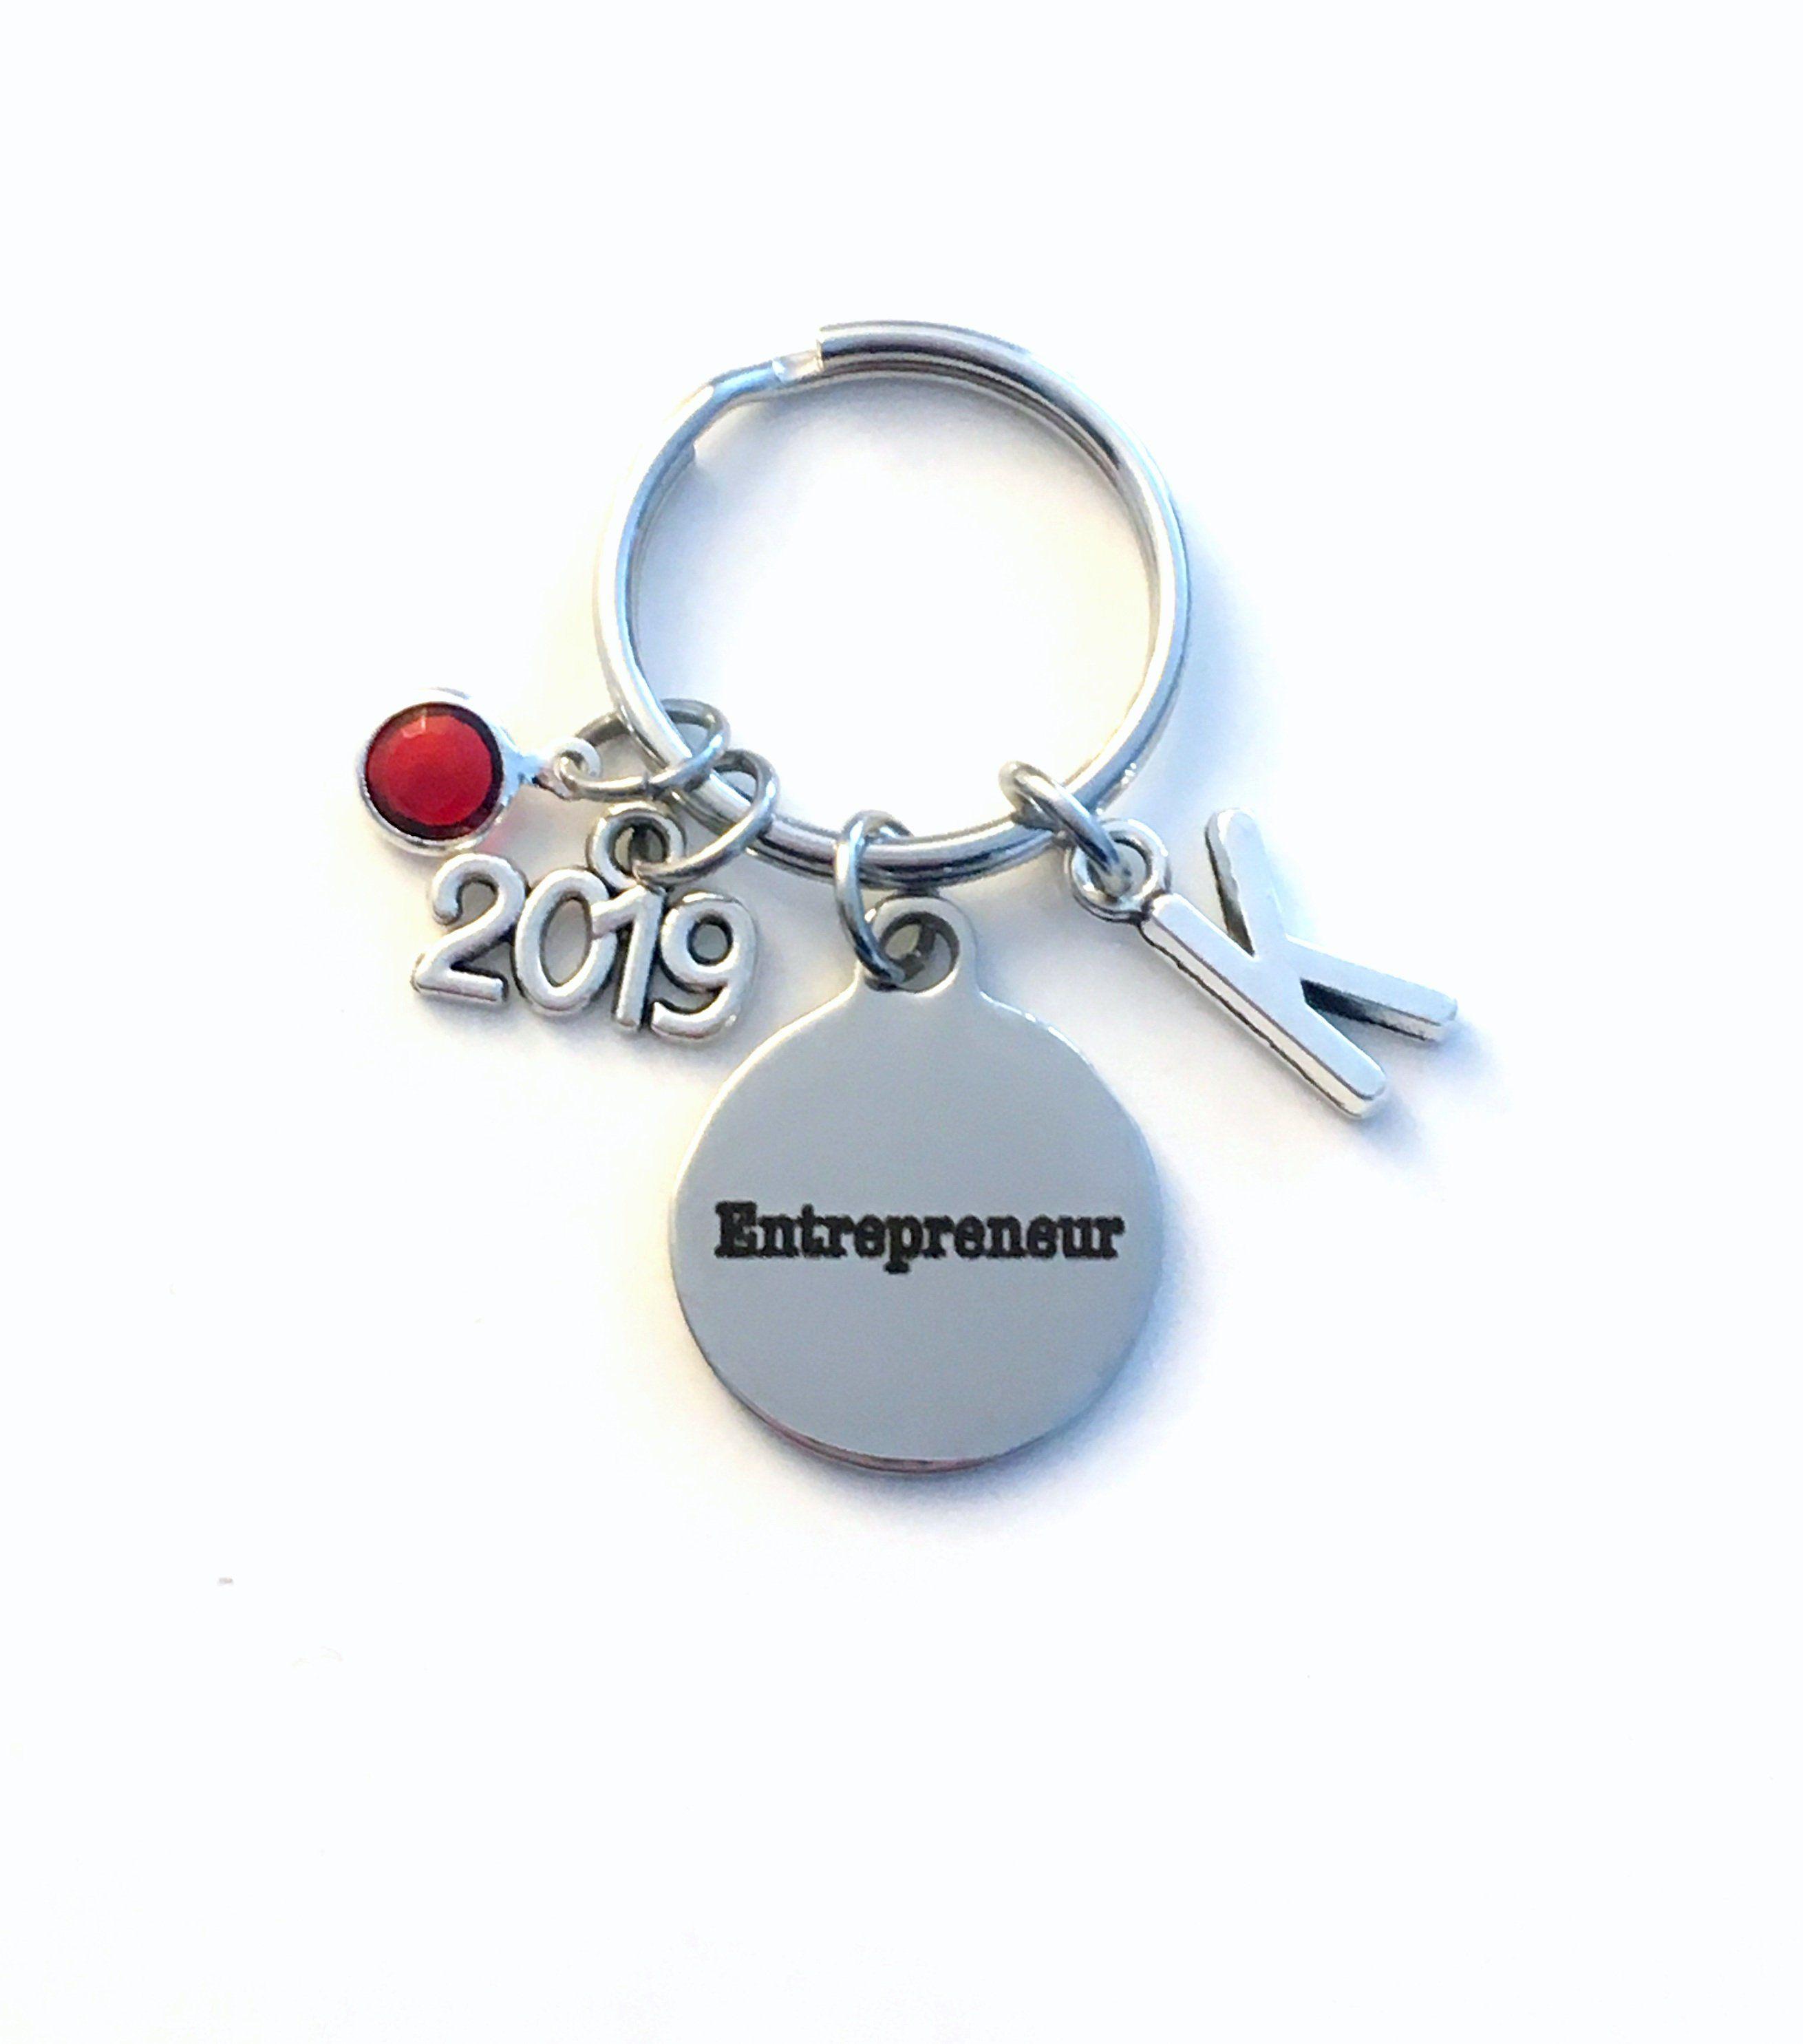 Gift for new business owner keychain 2019 entrepreneur